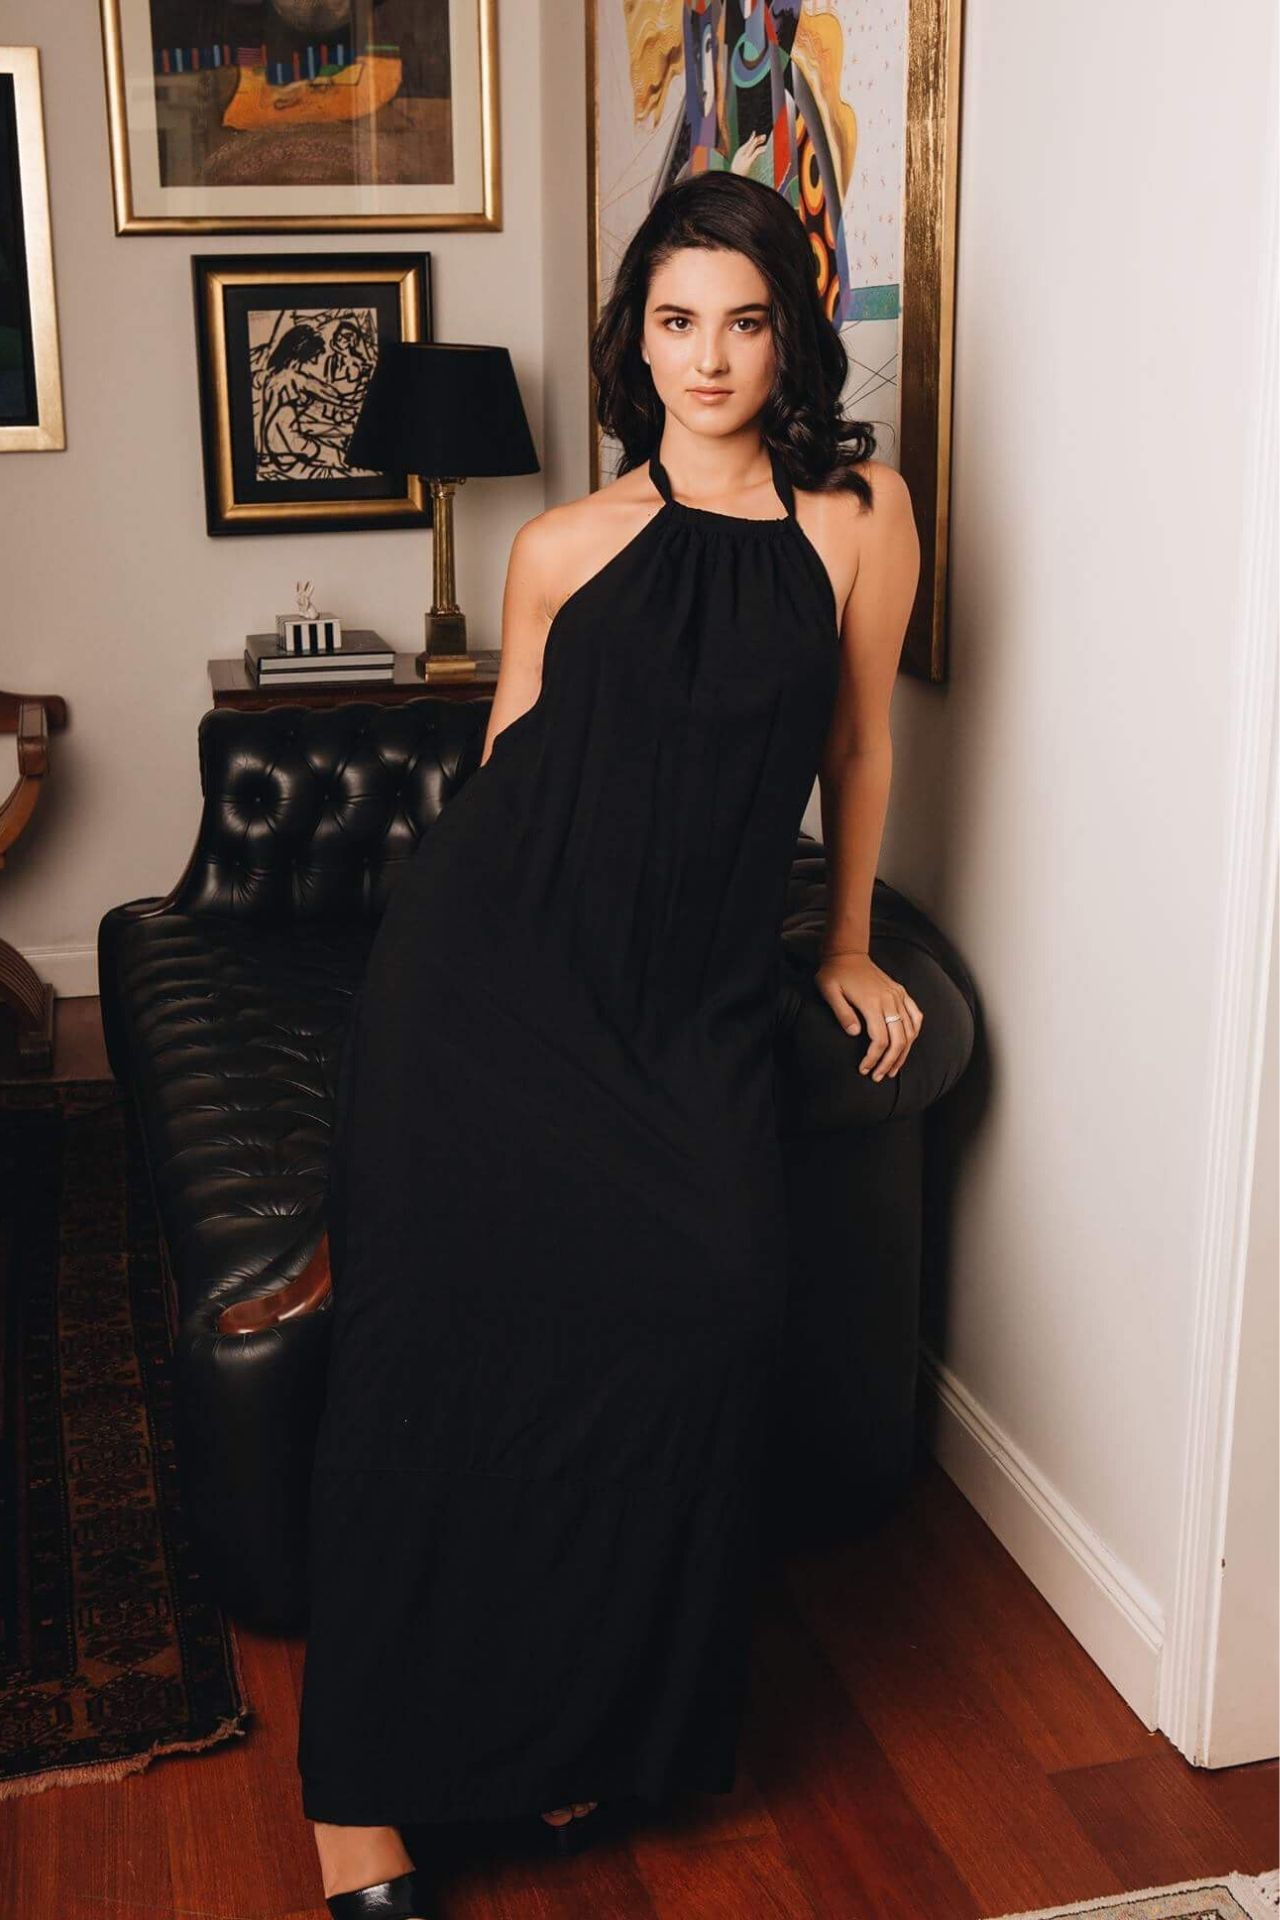 Vestido de algodón con halter para amarrar en el cuello.  La parte de atrás es como la foto con el vestido en blanco como referencia.